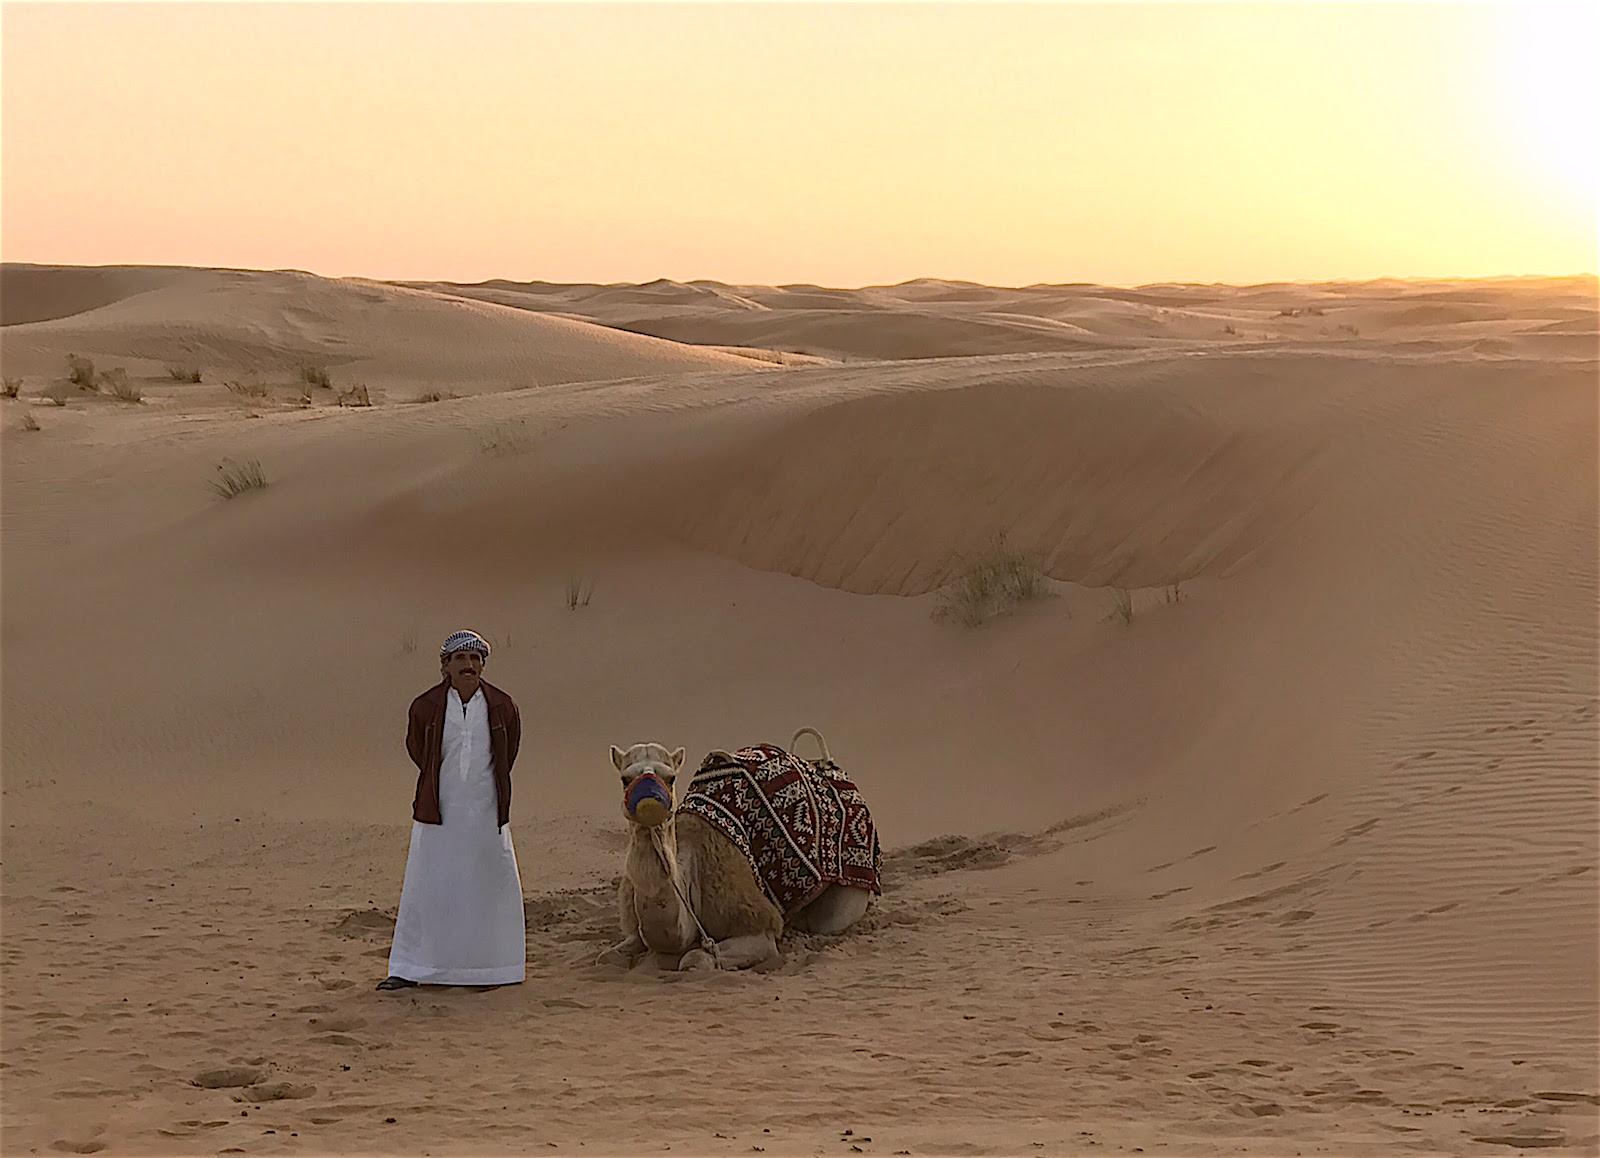 Camel and Trainer in the Arabian Desert, Dubai